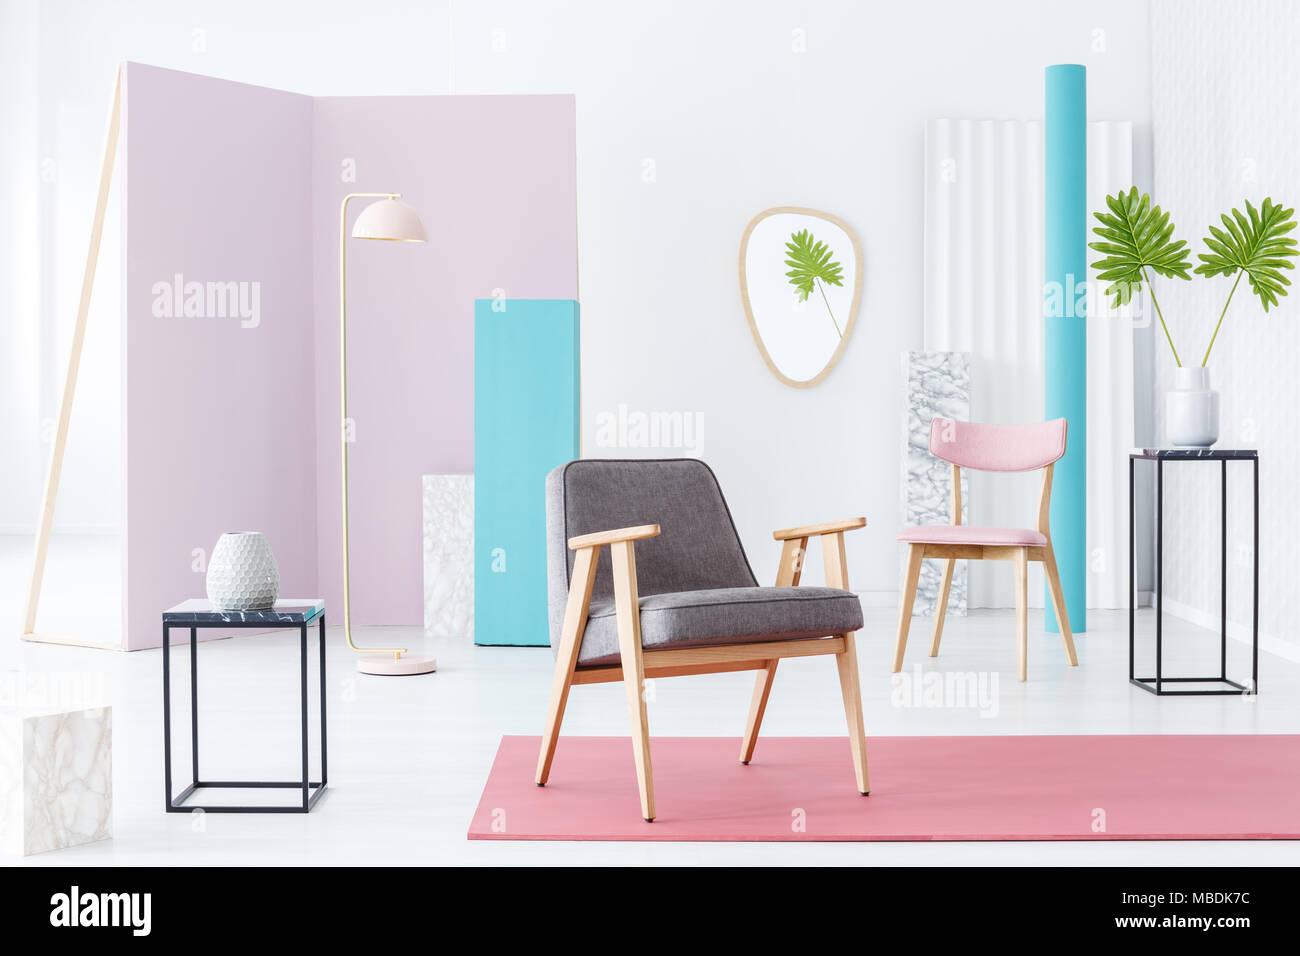 Grau Sessel In Einer Pastellfarbenen Zimmer Innenraum Mit Rotem